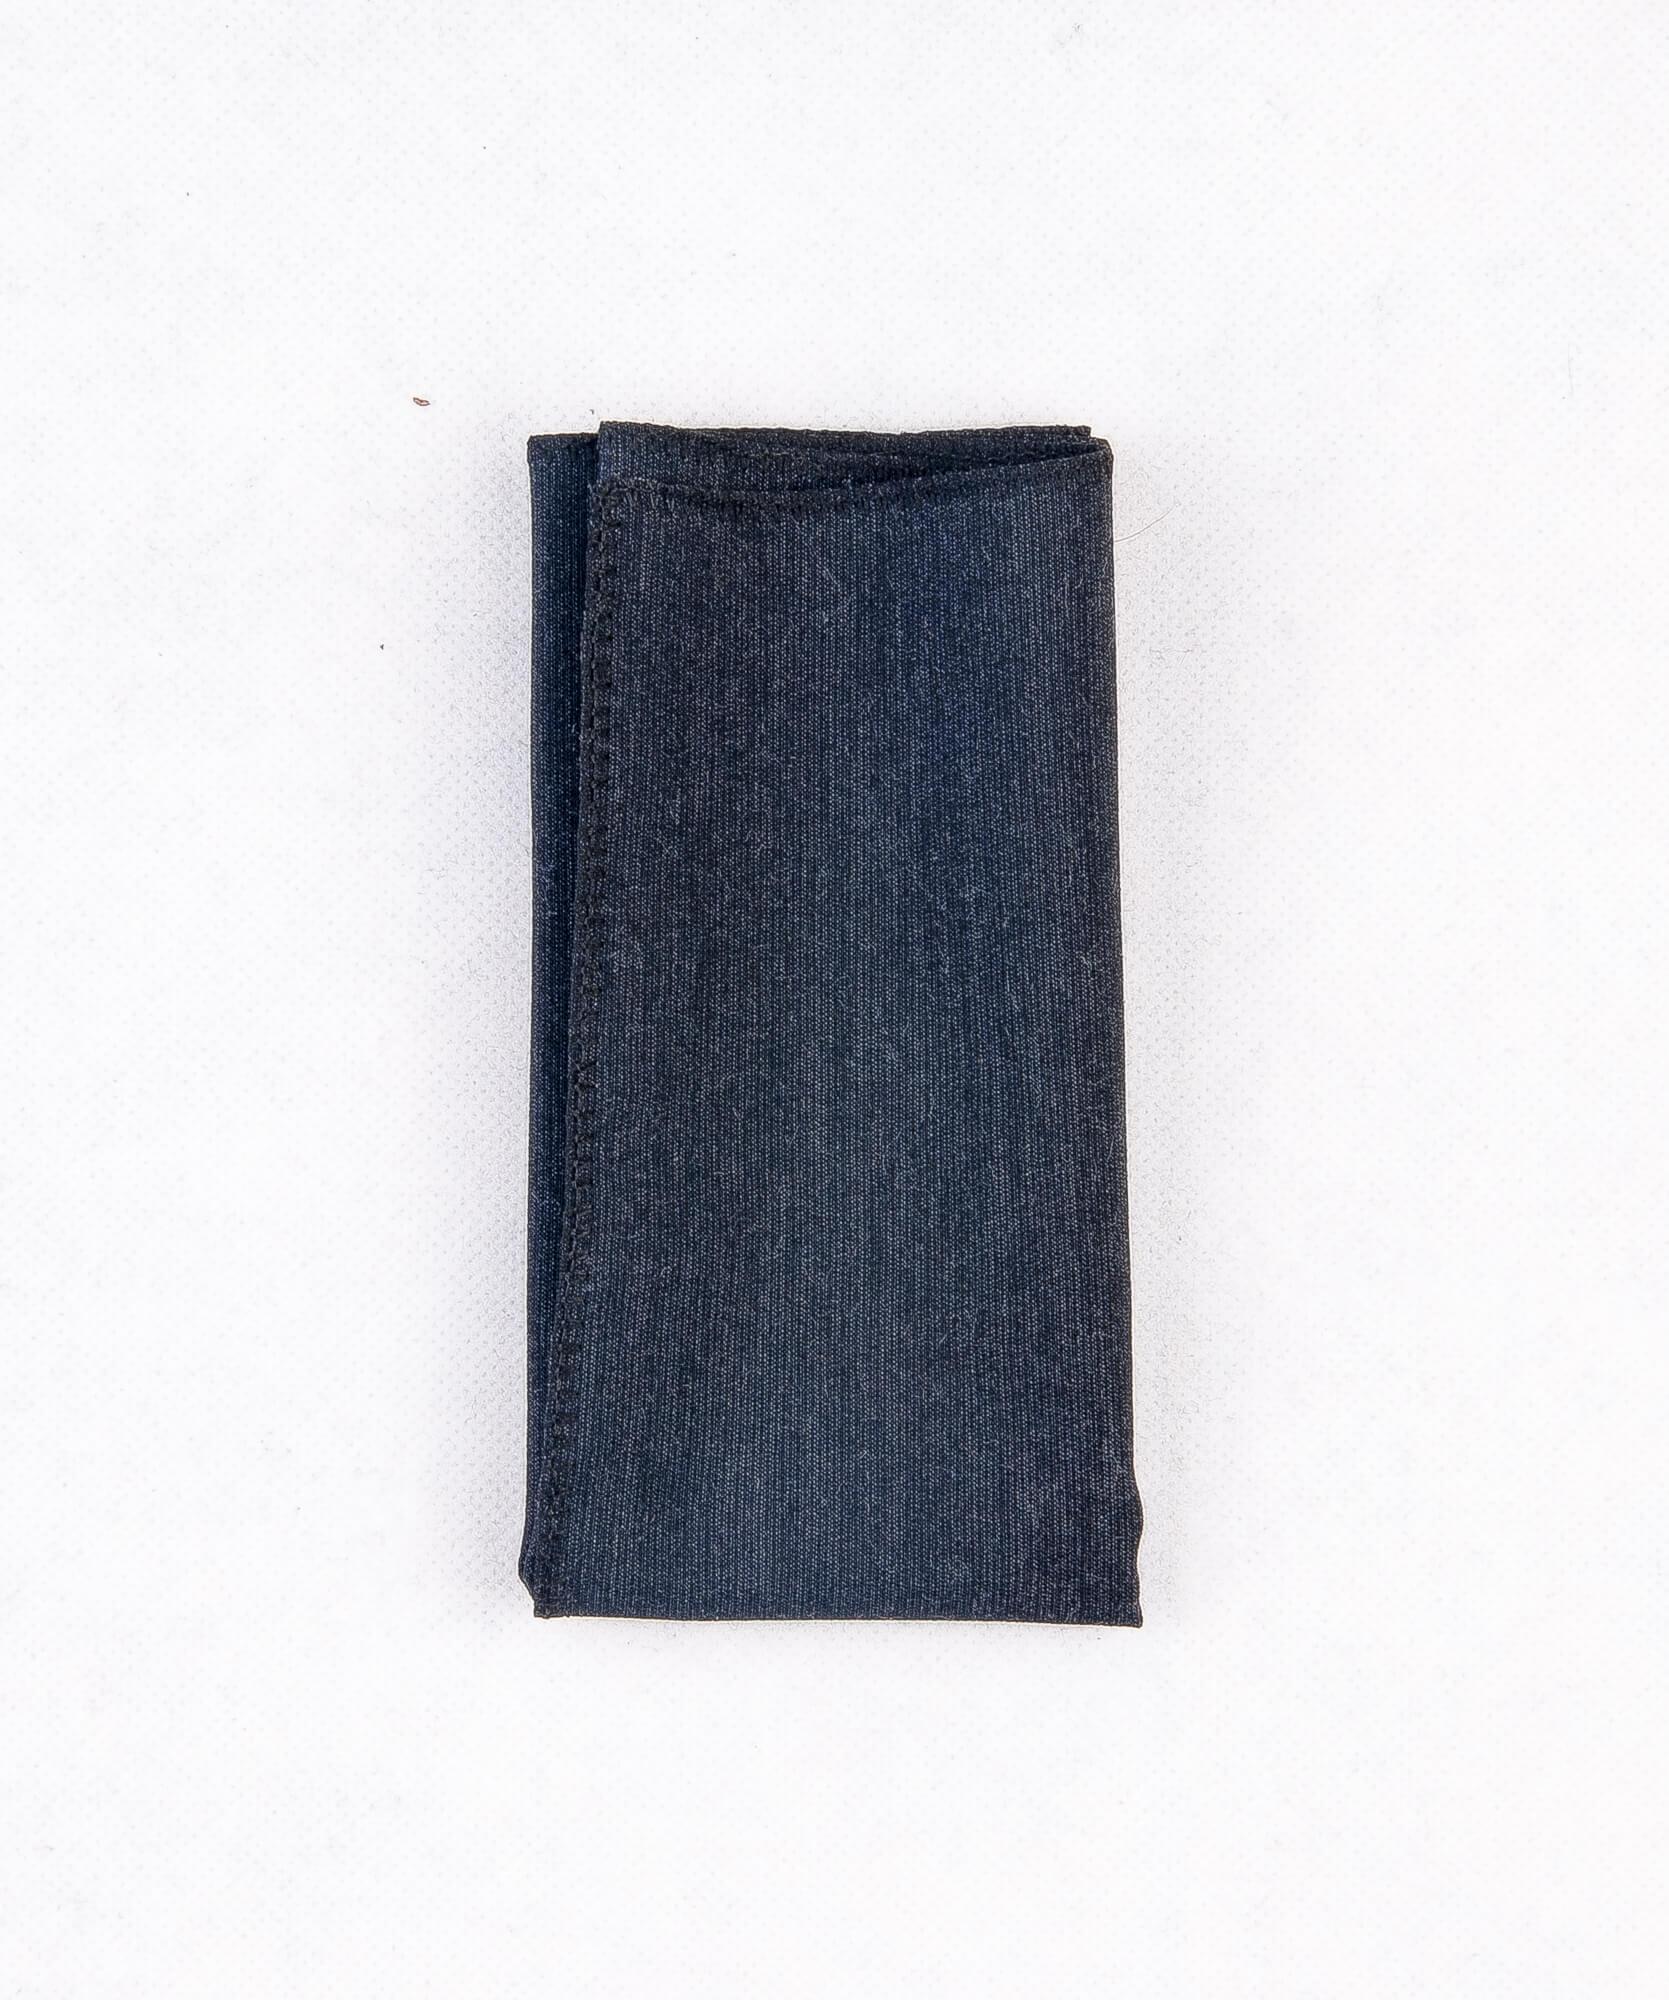 دستمال جیب طرح ساده رنگ خاکستری PS1010